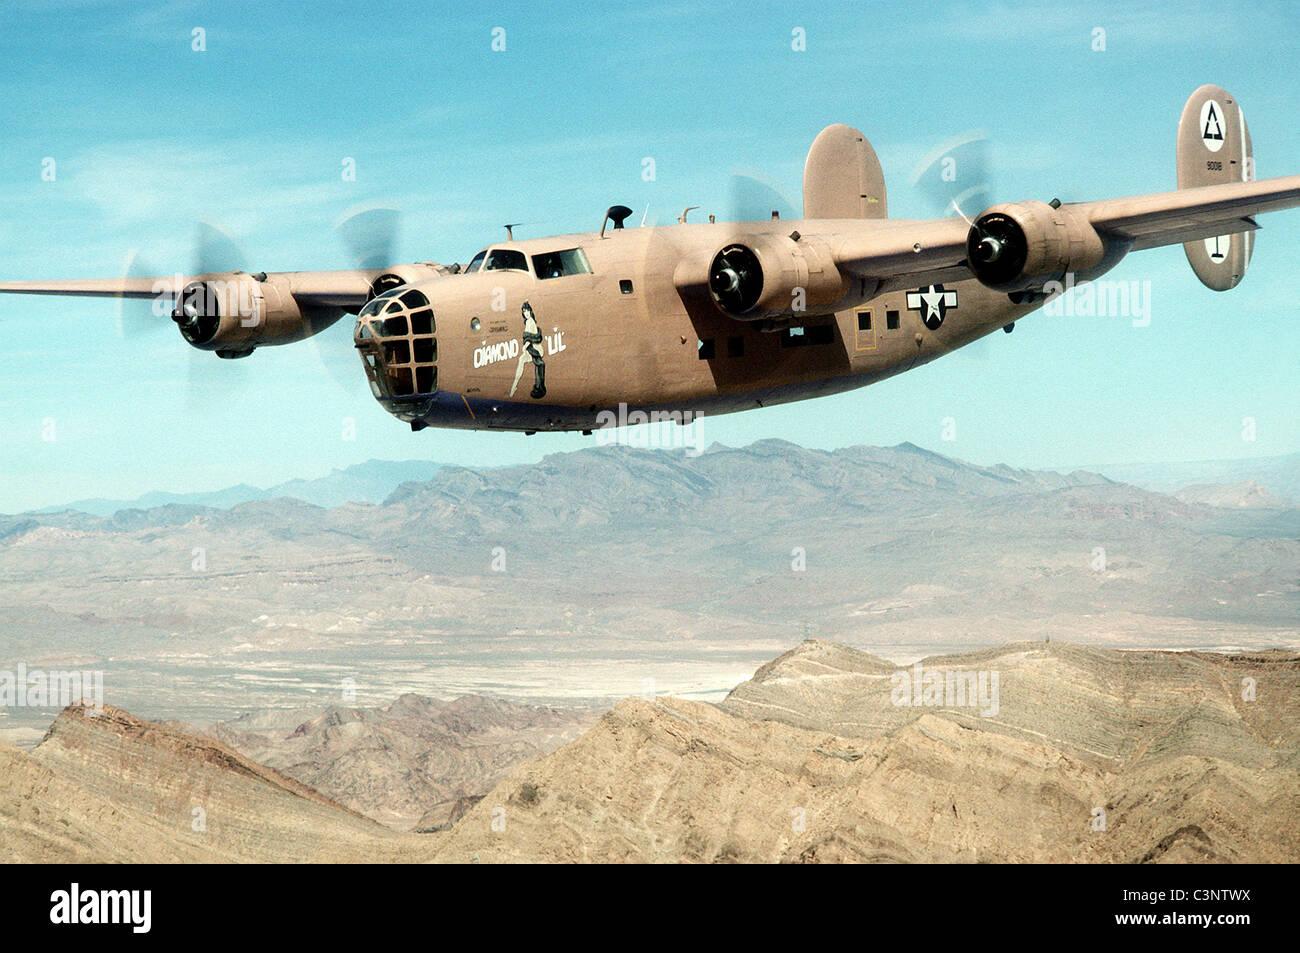 Konsolidierte b-24 Liberator amerikanischen schweren bomber Stockfoto